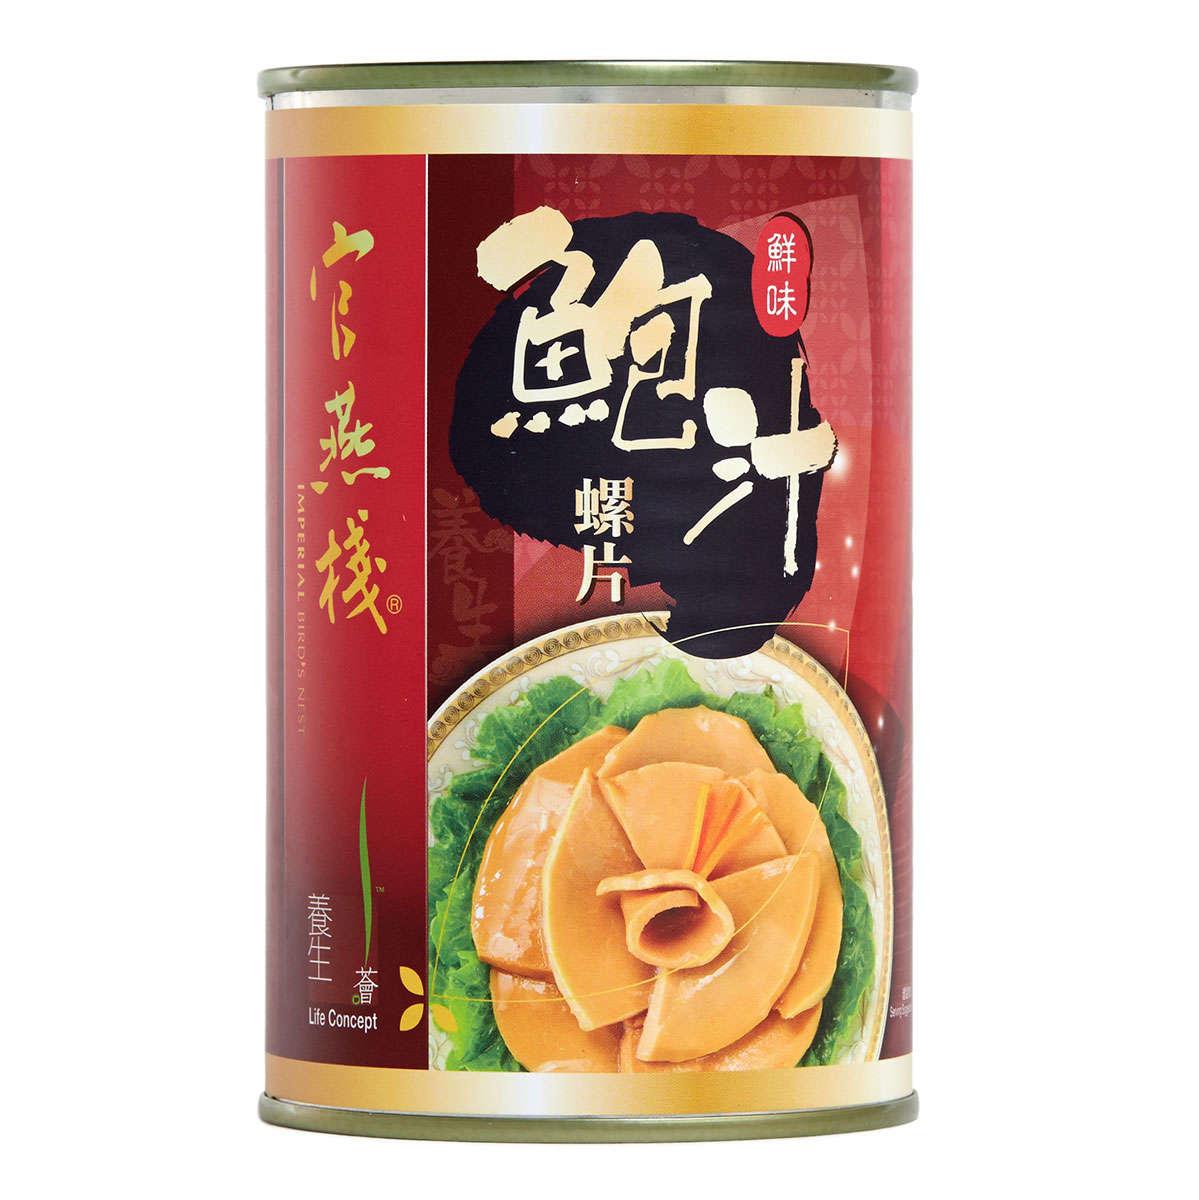 鮮味鮑汁螺片 (425克)